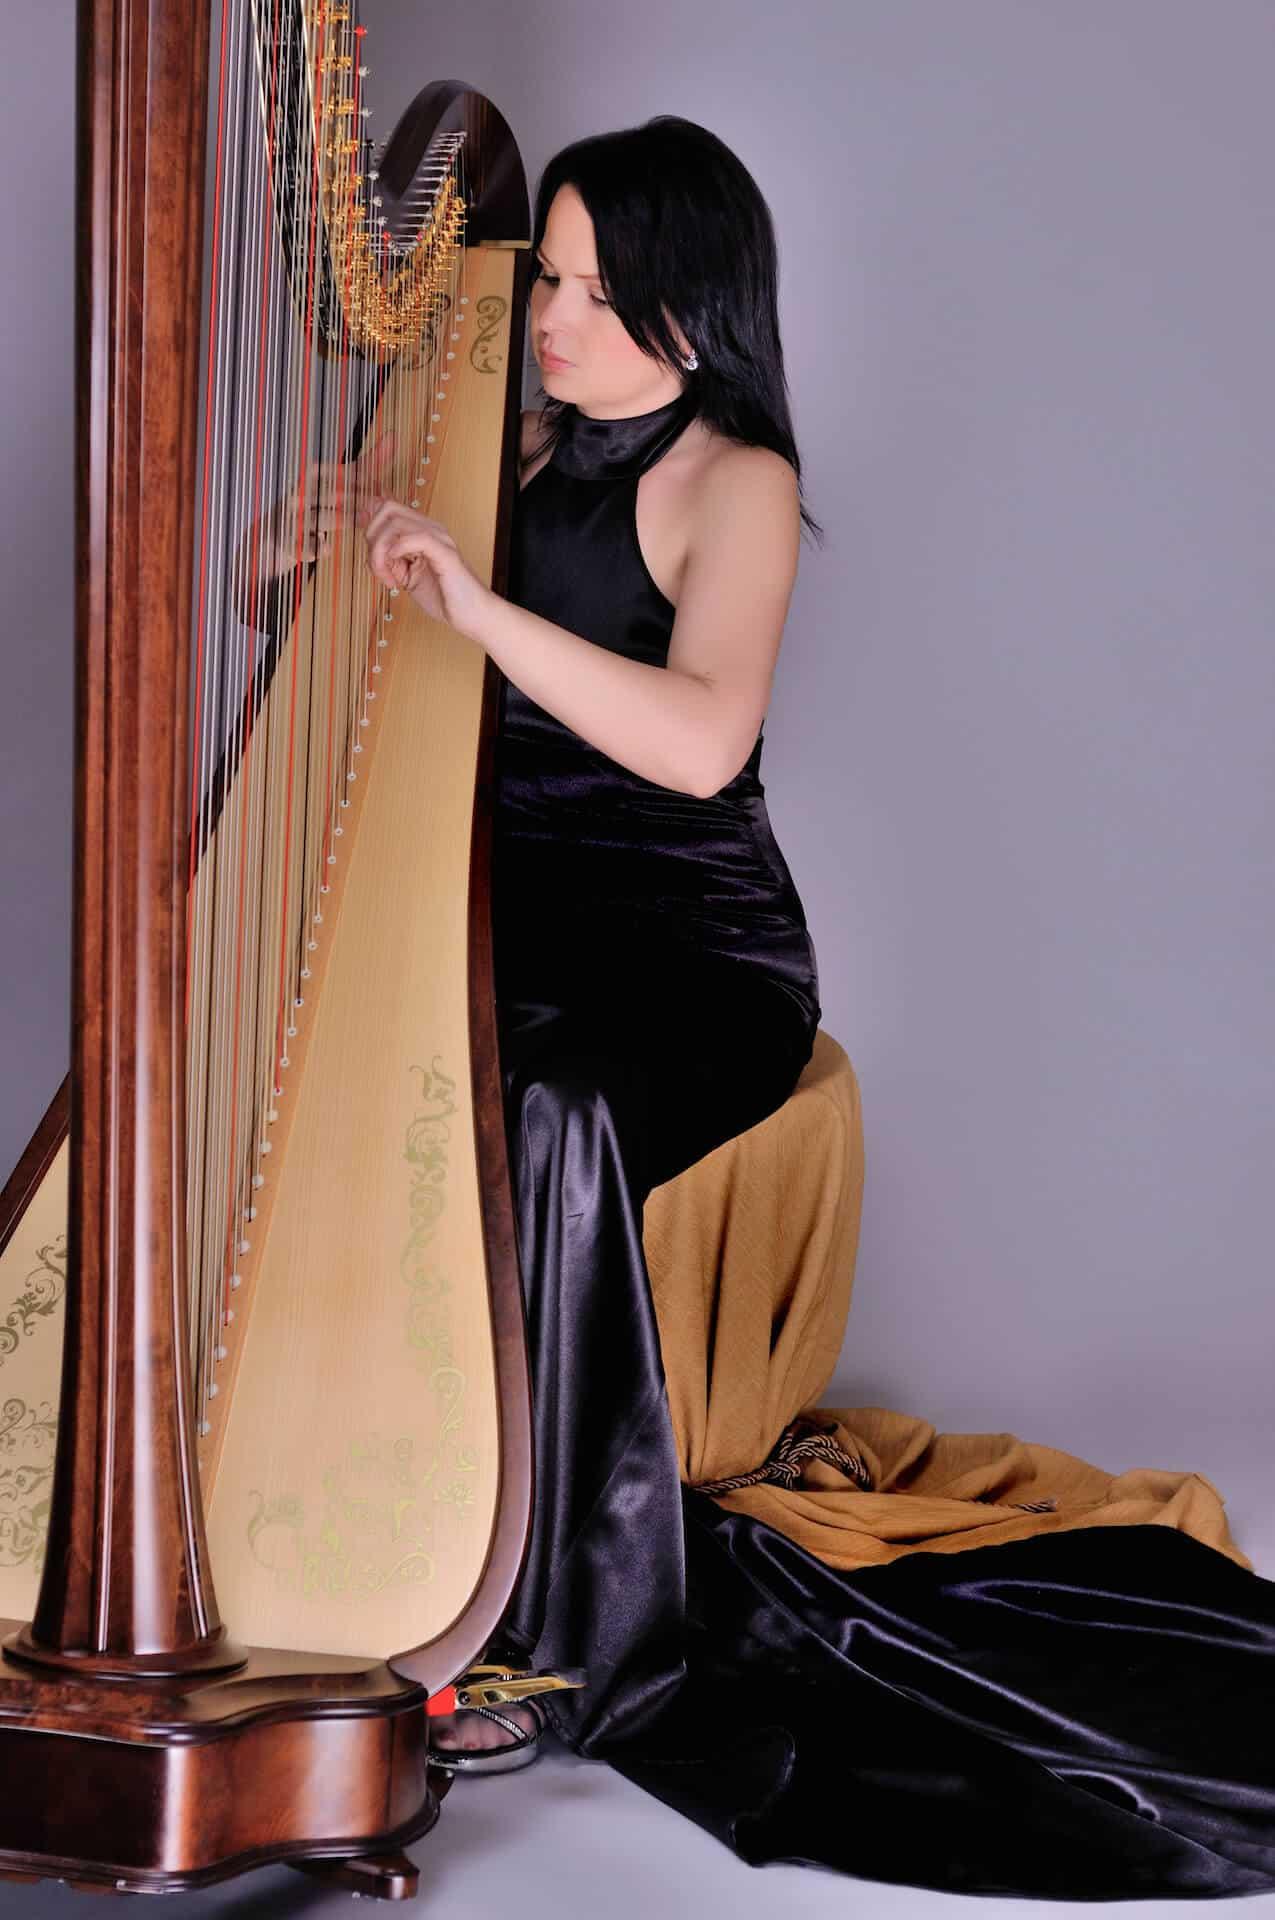 Harfistka Katarína Ševčíková 4